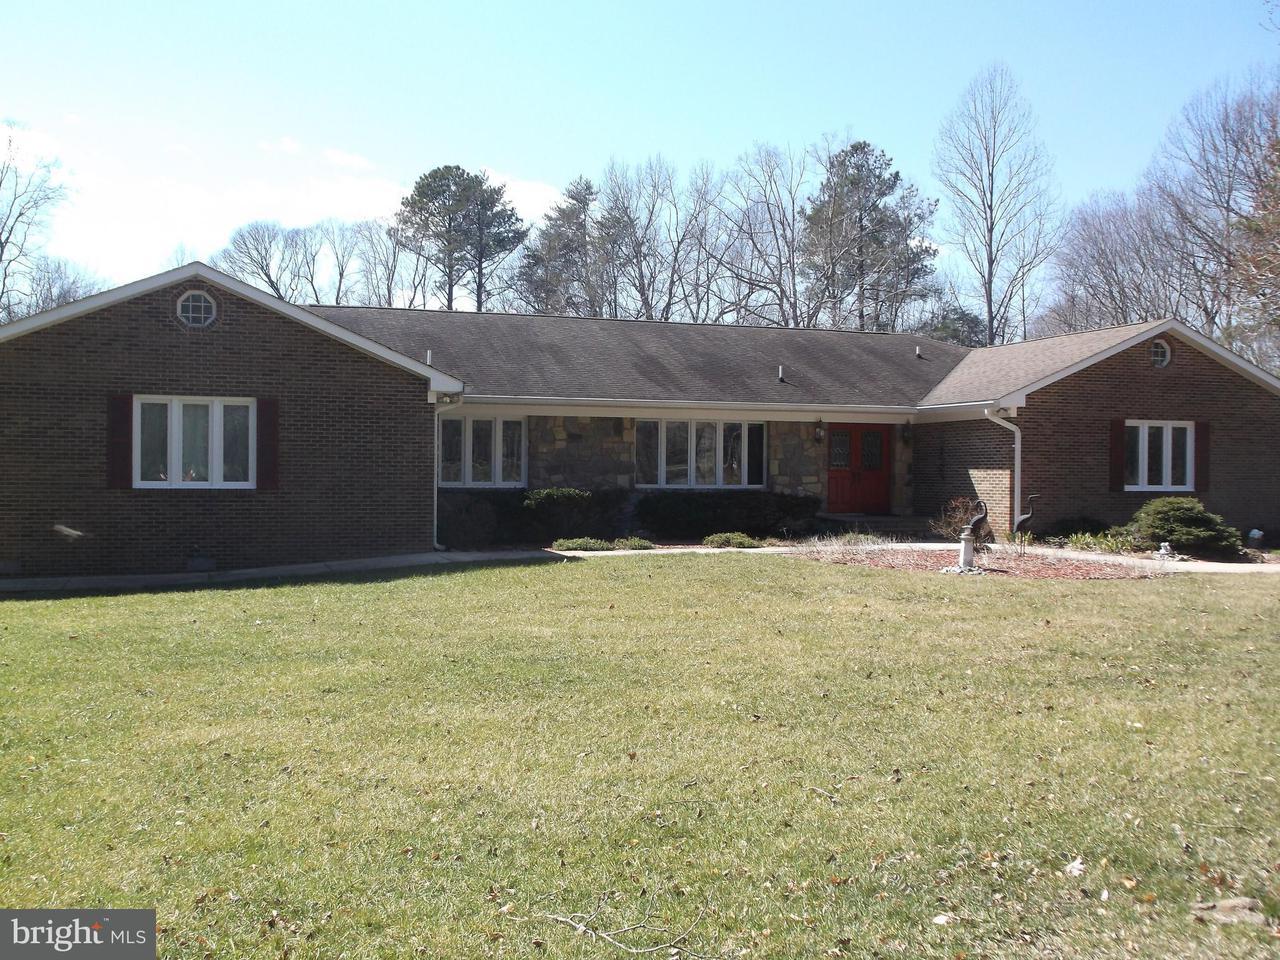 Maison unifamiliale pour l Vente à 7151 Bond Street 7151 Bond Street St. Leonard, Maryland 20685 États-Unis